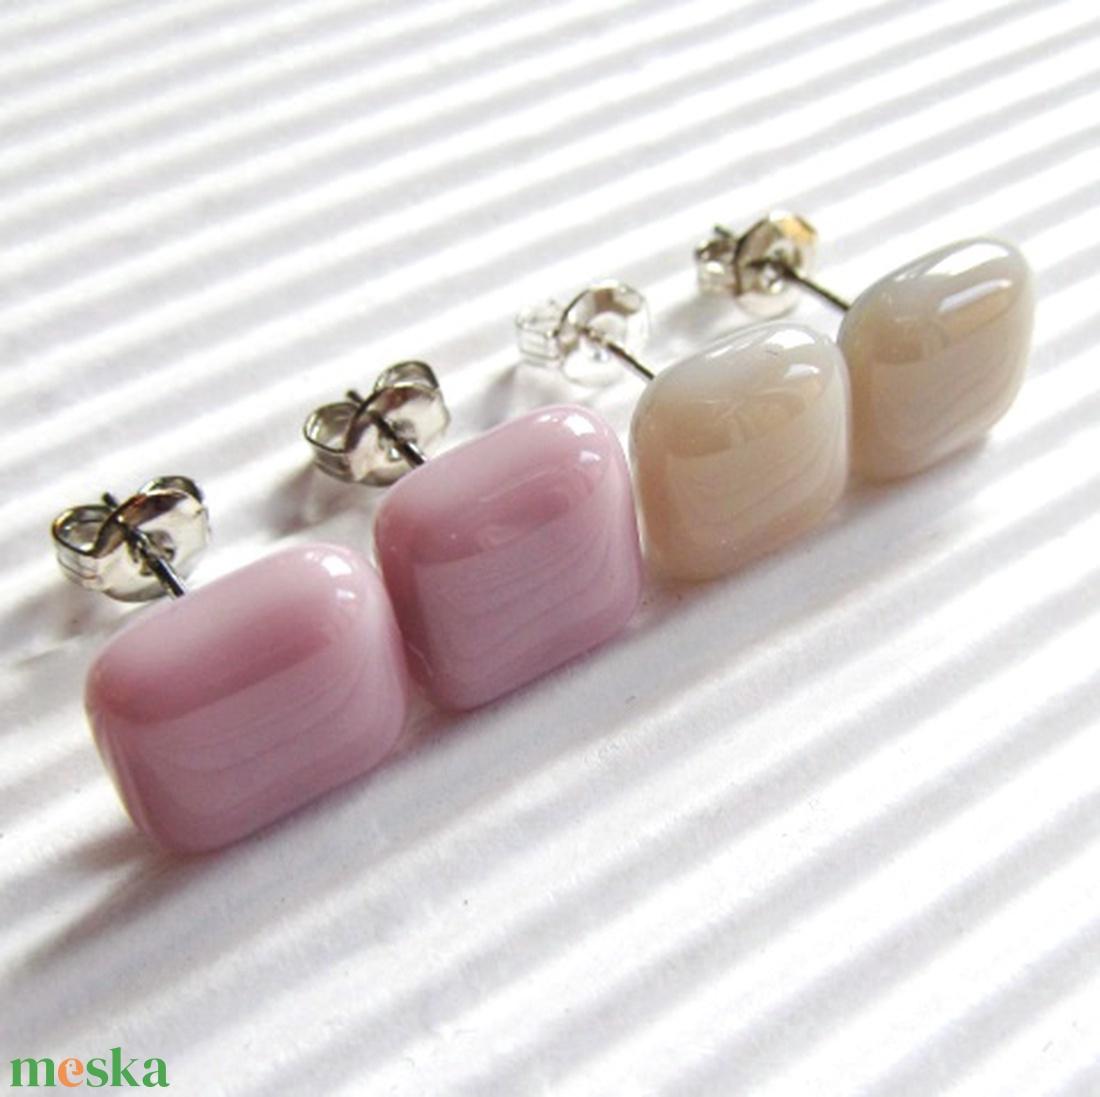 Romantika üveg fülbevaló páros orvosi fém alapon, üvegékszer szett - ékszer - fülbevaló - pötty fülbevaló - Meska.hu